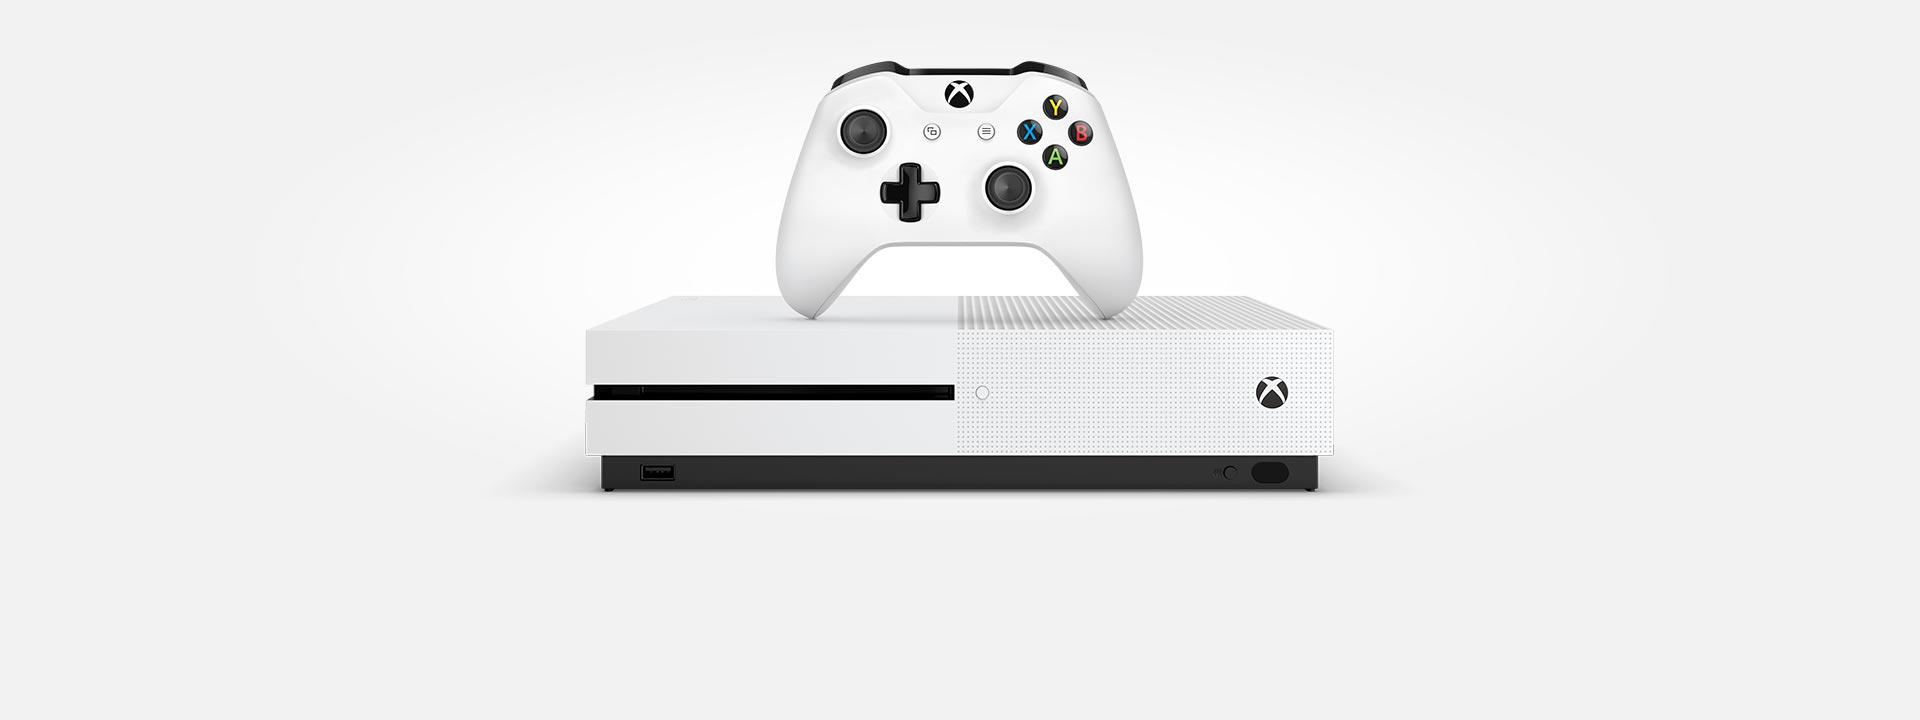 Xbox One S-konsol og -controller, køb nu